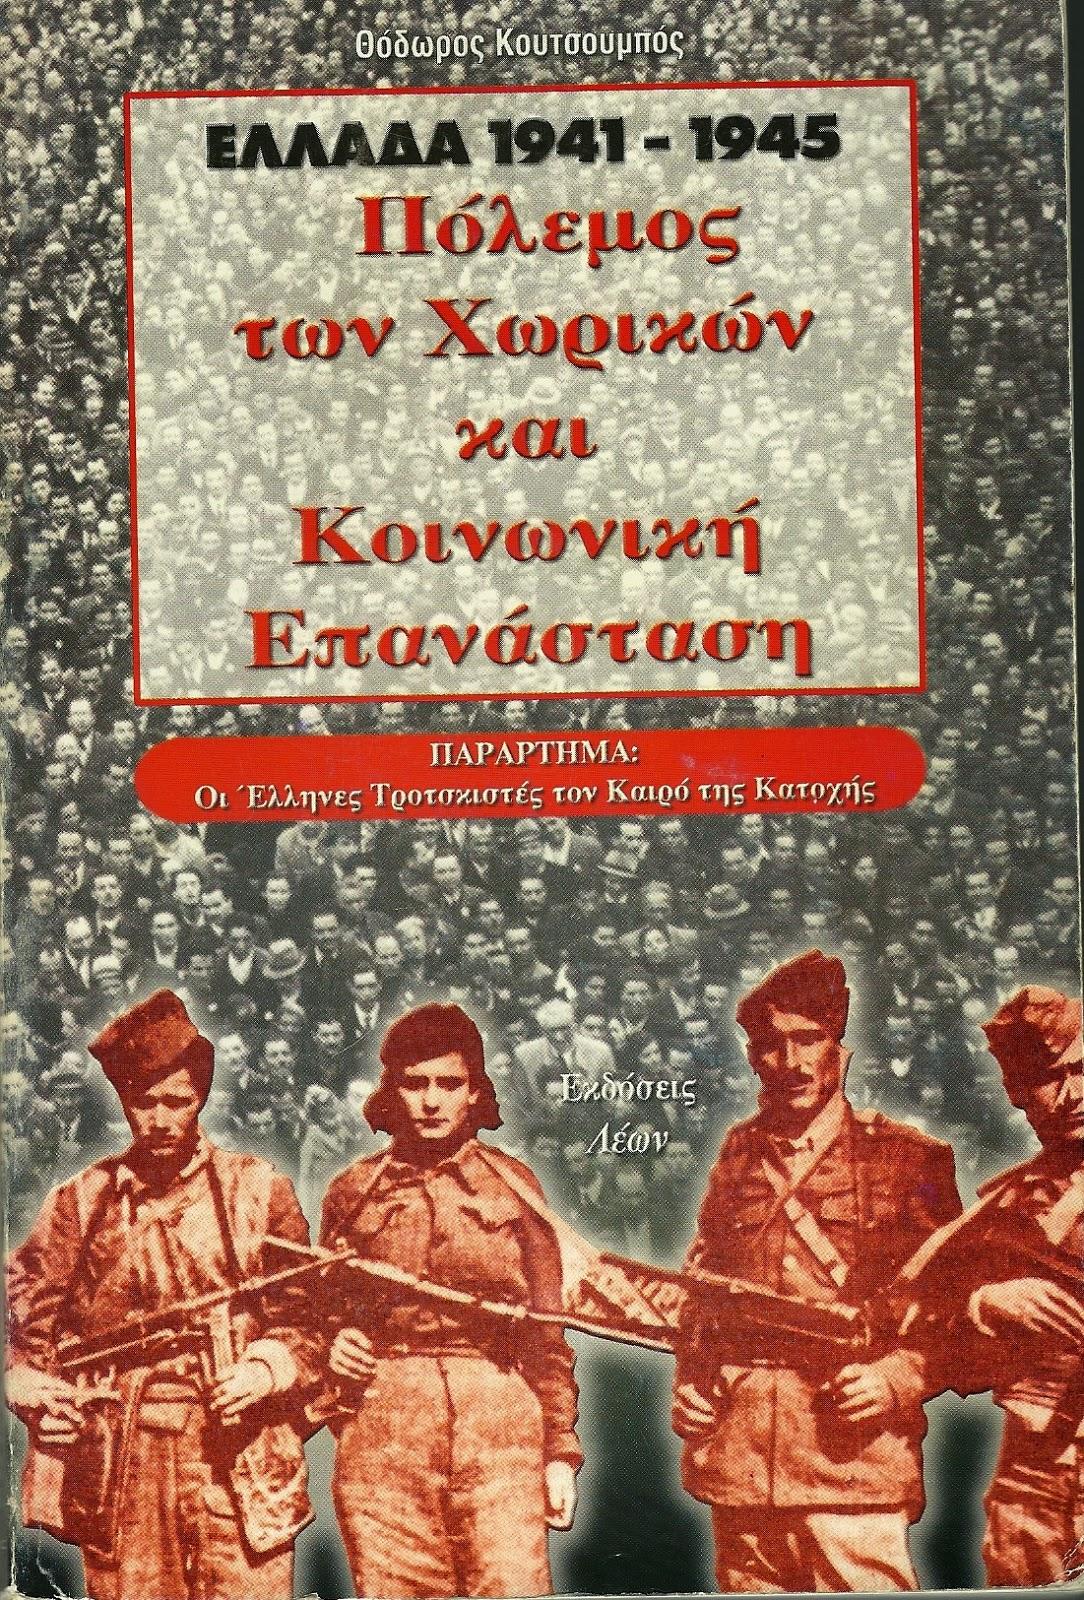 """""""Ελλάδα 1941 - 1945: Πόλεμος των Χωρικών και Κοινωνική Επανάσταση"""" του Θόδωρου Κουτσουμπού"""